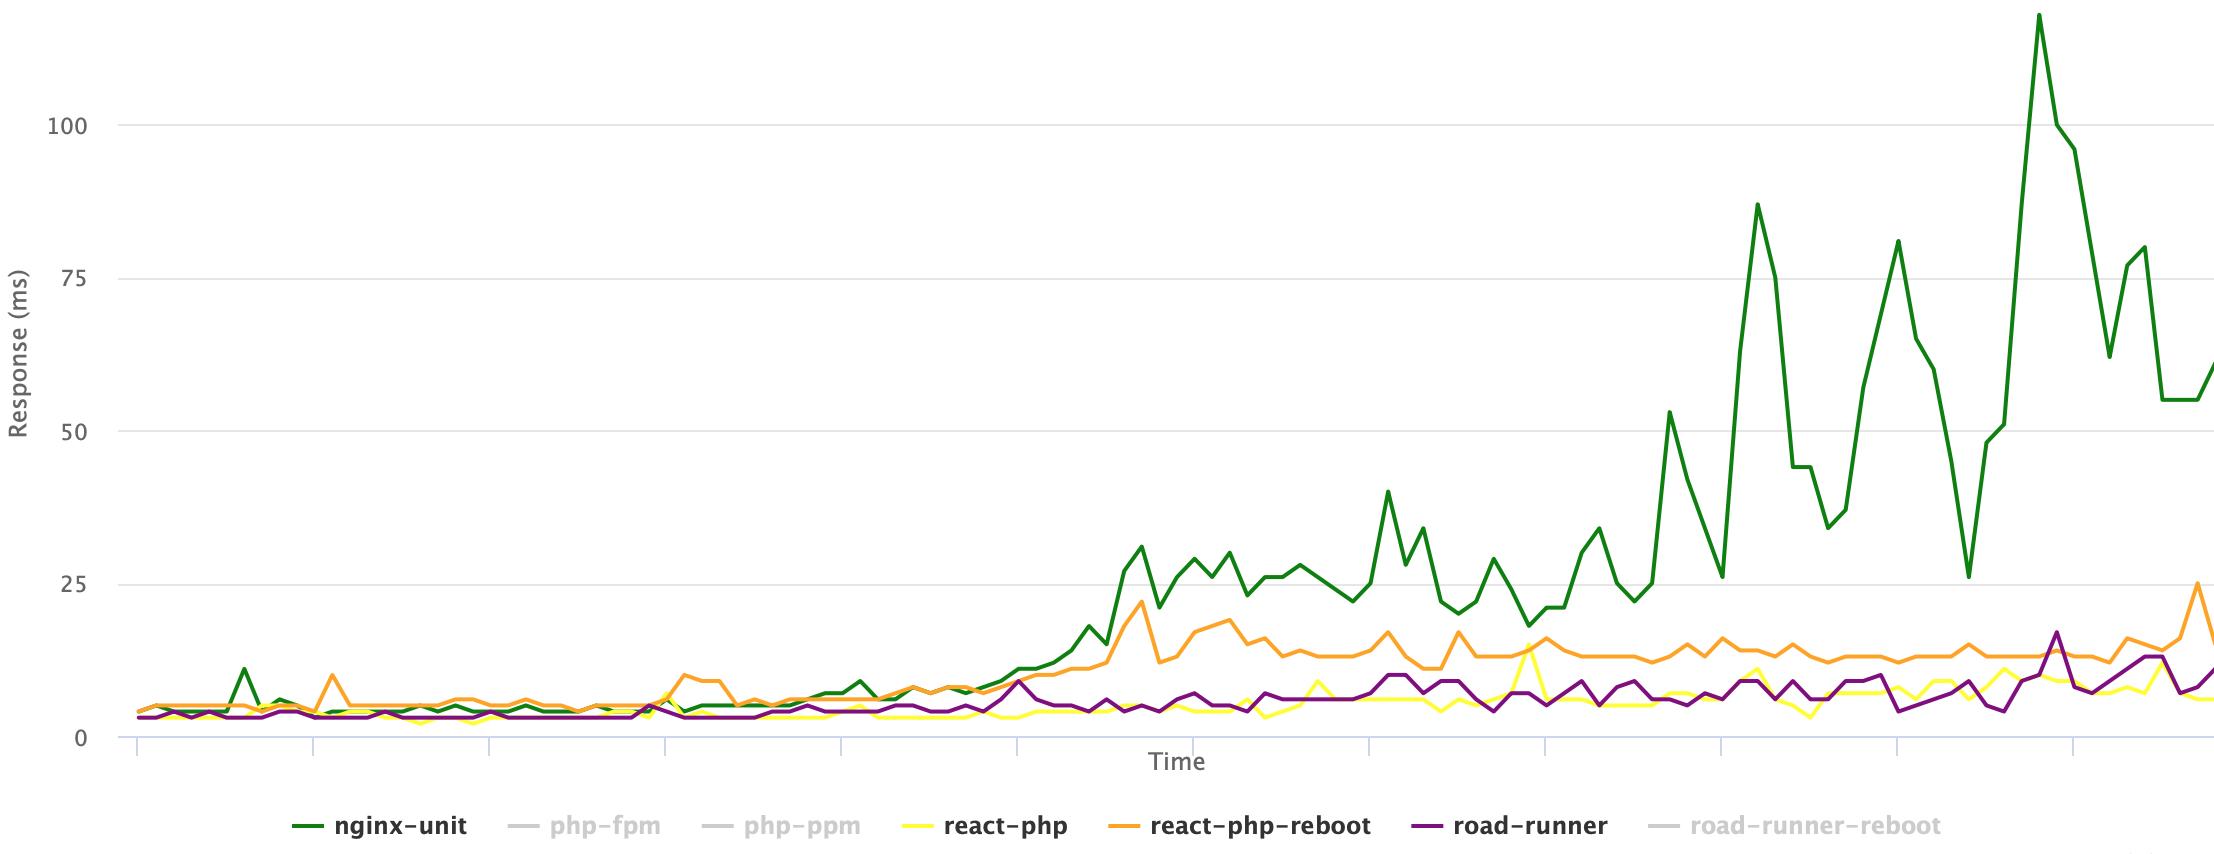 Сравниваем PHP FPM, PHP PPM, Nginx Unit, React PHP и RoadRunner - 1